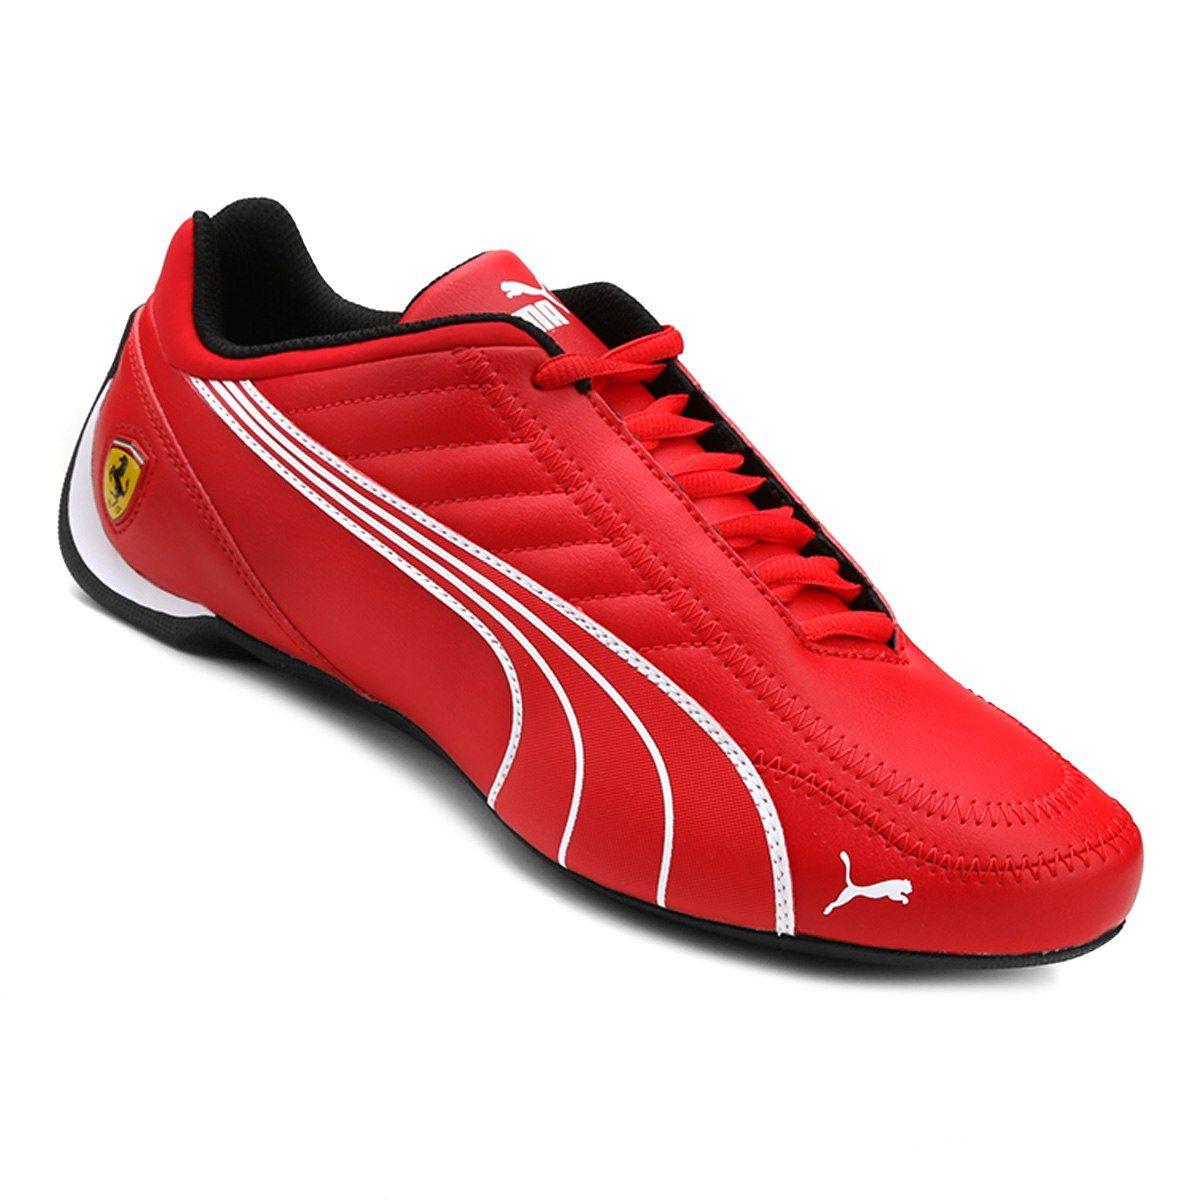 scuderia ferrari valorosso hi puma tops rosso sf products webcage brand img black corsa house direct mid